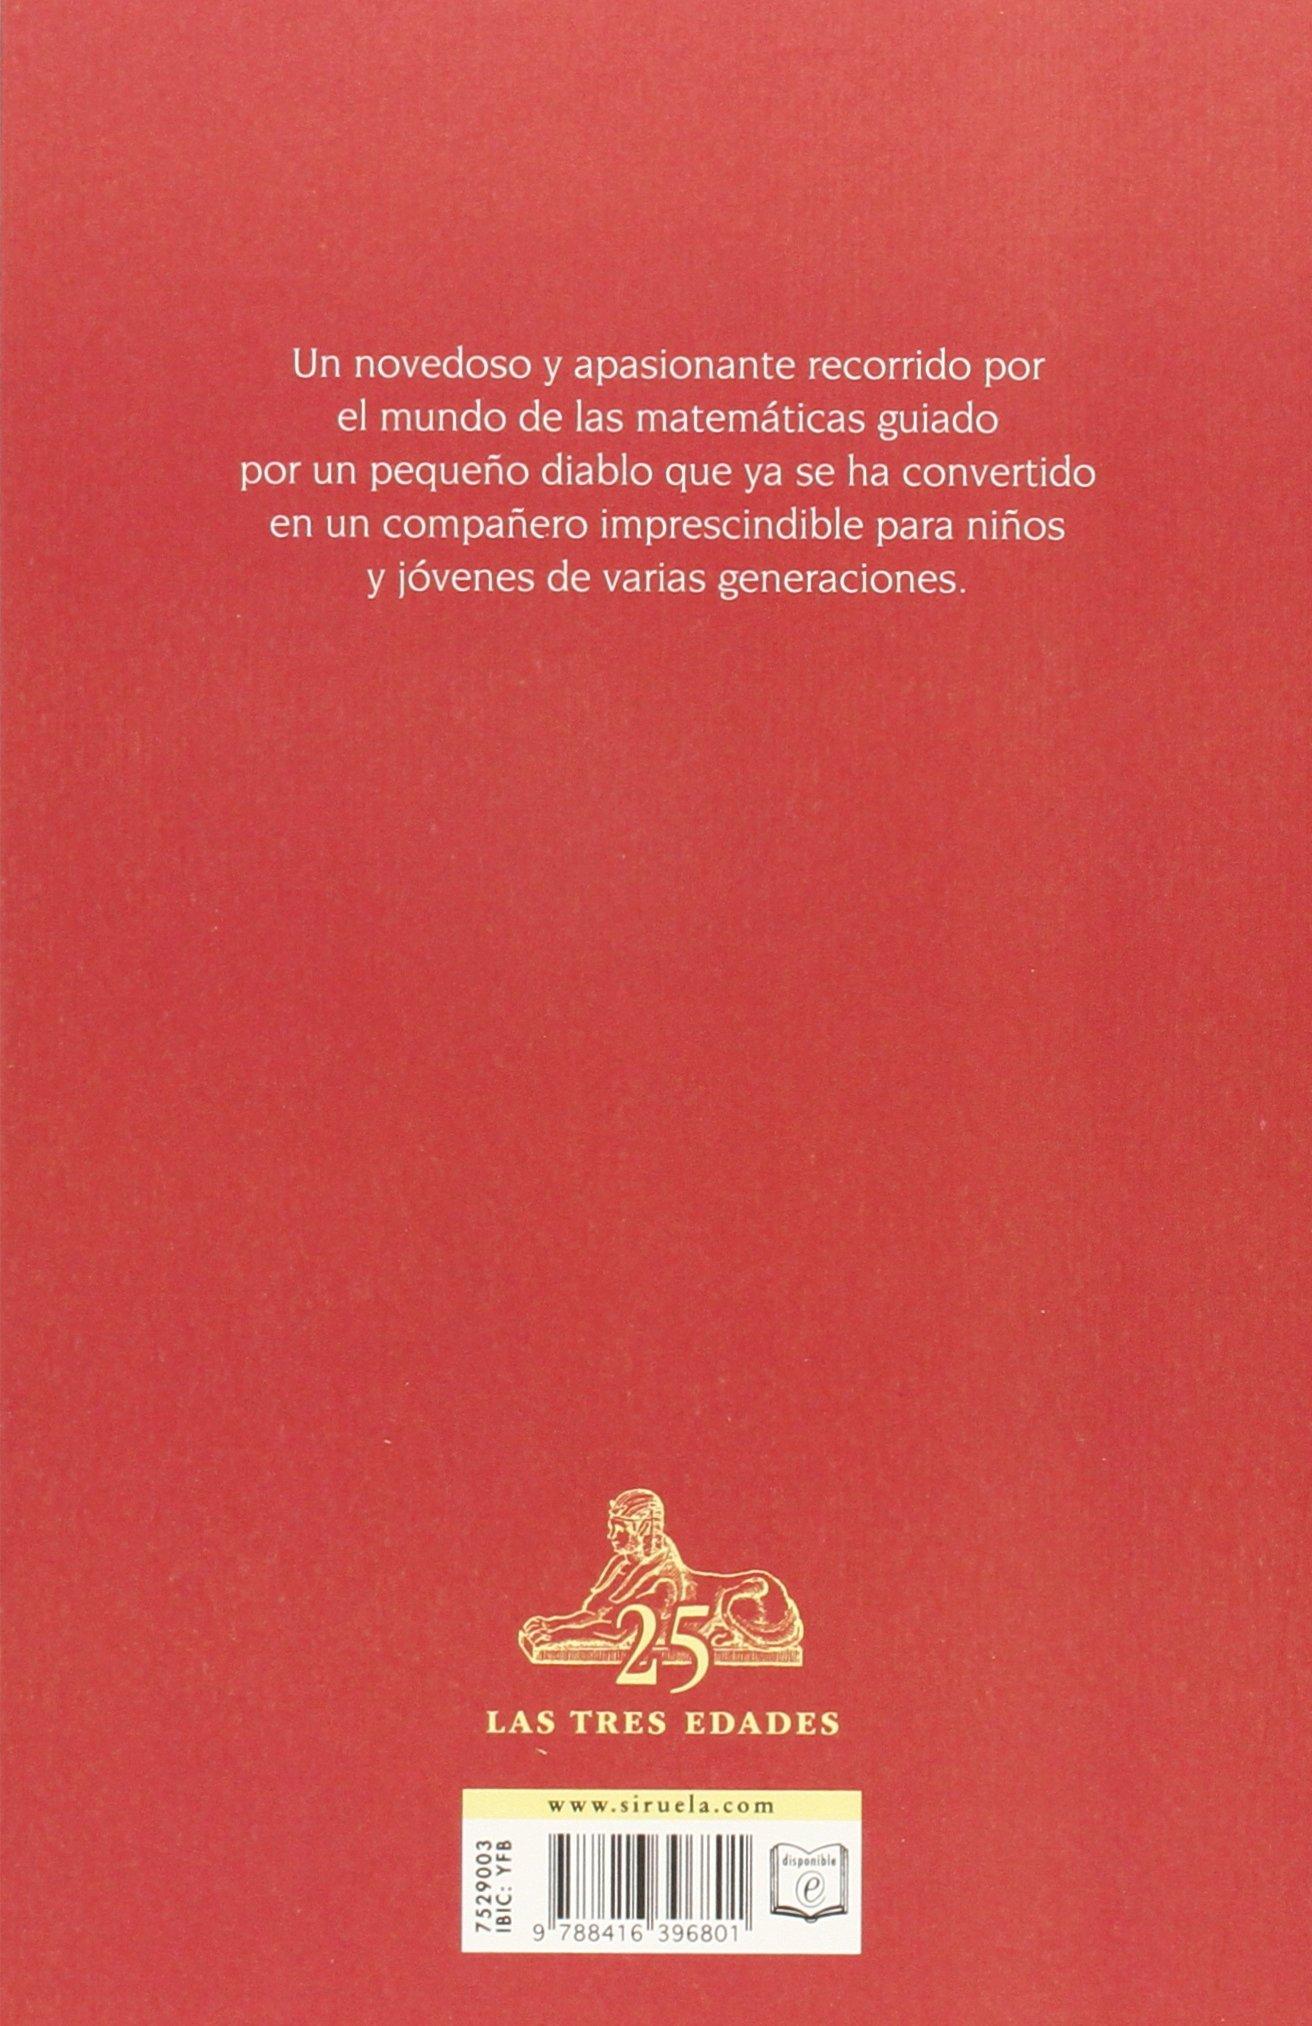 El diablo de los números. Un libro para todos aquellos que temen a las matemáticas: Hans Magnus Enzensberger: 9788416396801: Amazon.com: Books